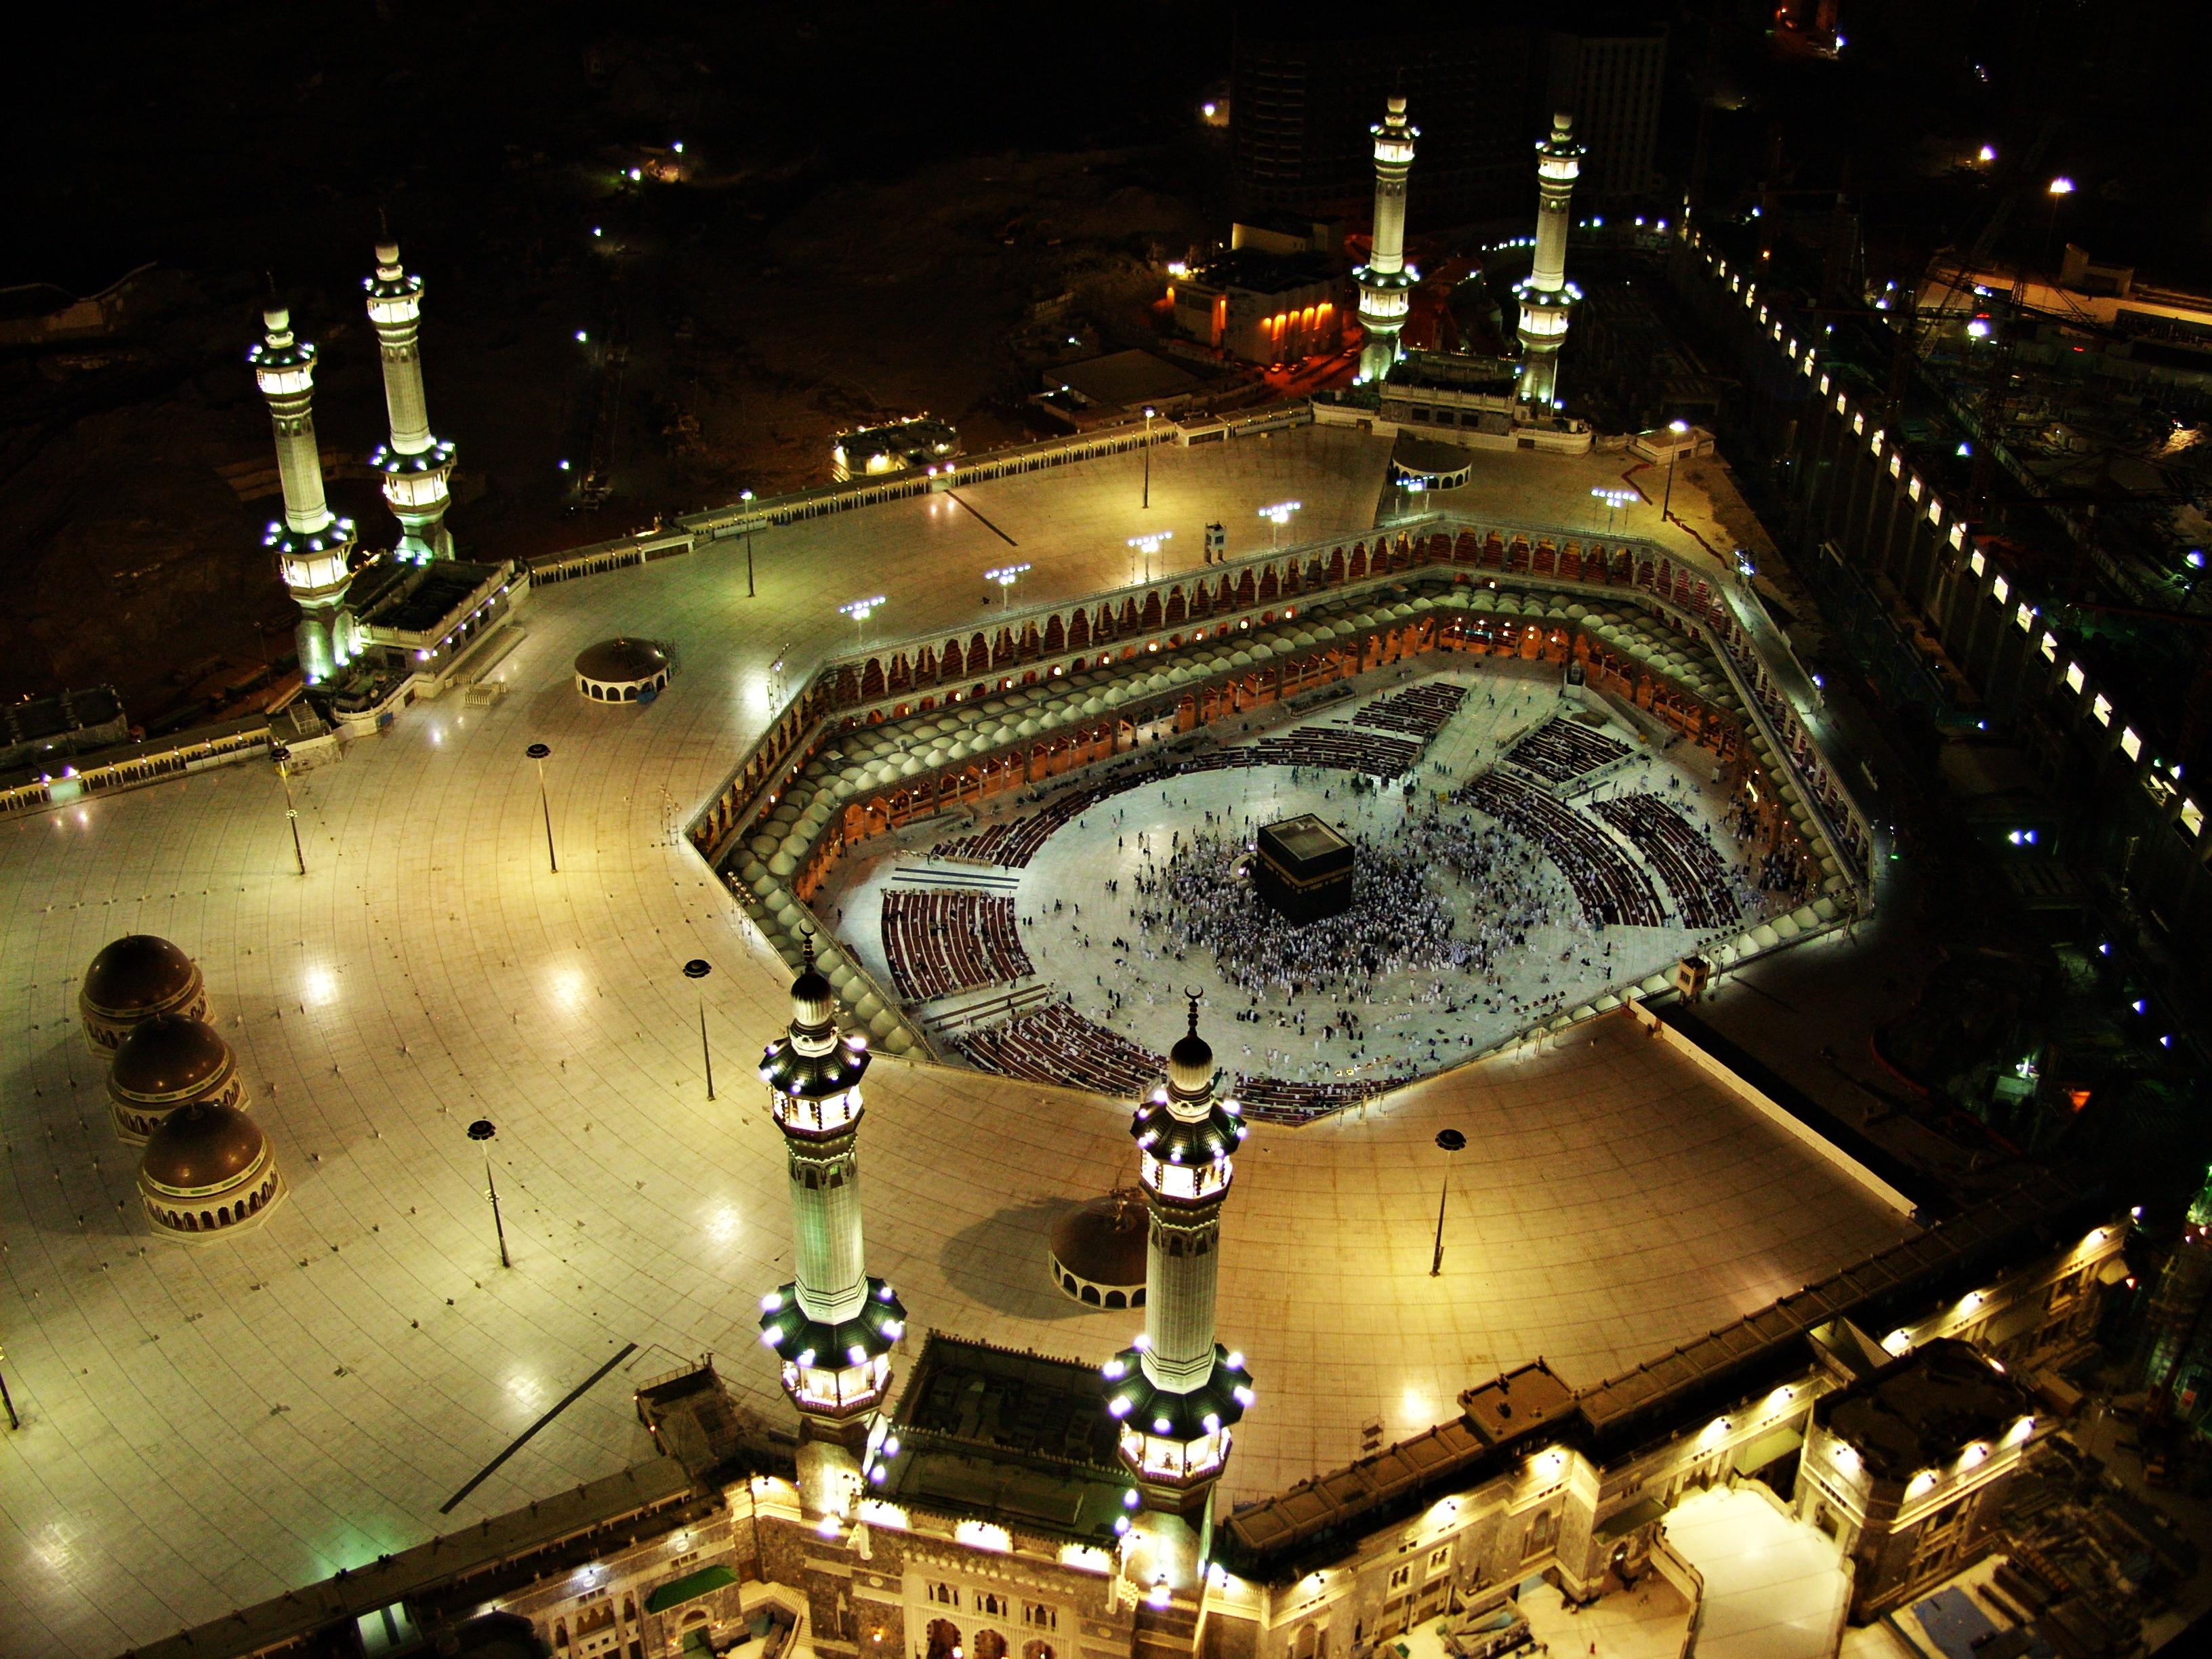 Depiction of La Meca